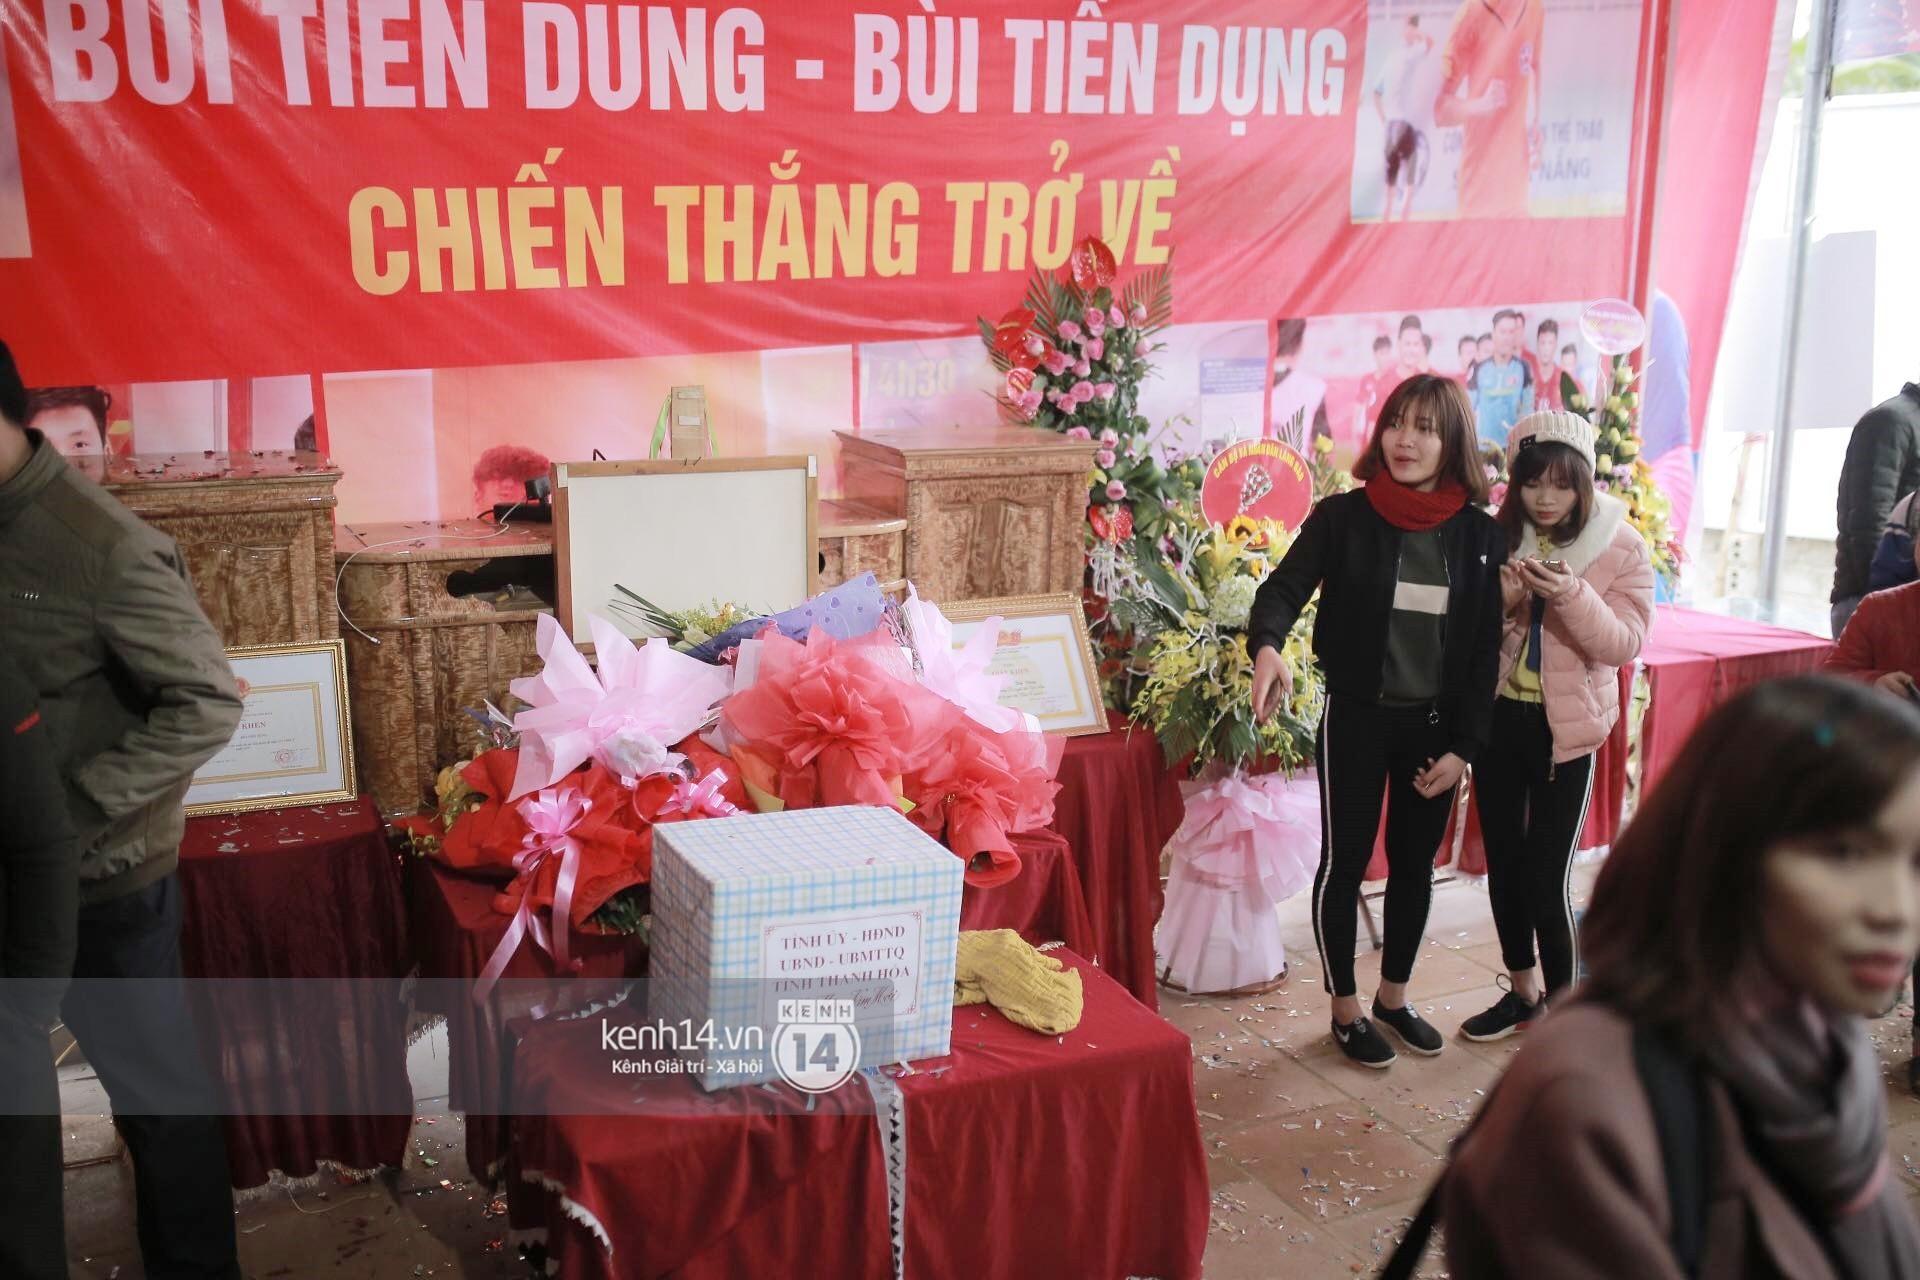 Chùm ảnh: Biết tin anh em Tiến Dũng đã về nhà, hàng trăm người hâm mộ Thanh Hóa đã kéo đến chúc mừng - Ảnh 14.